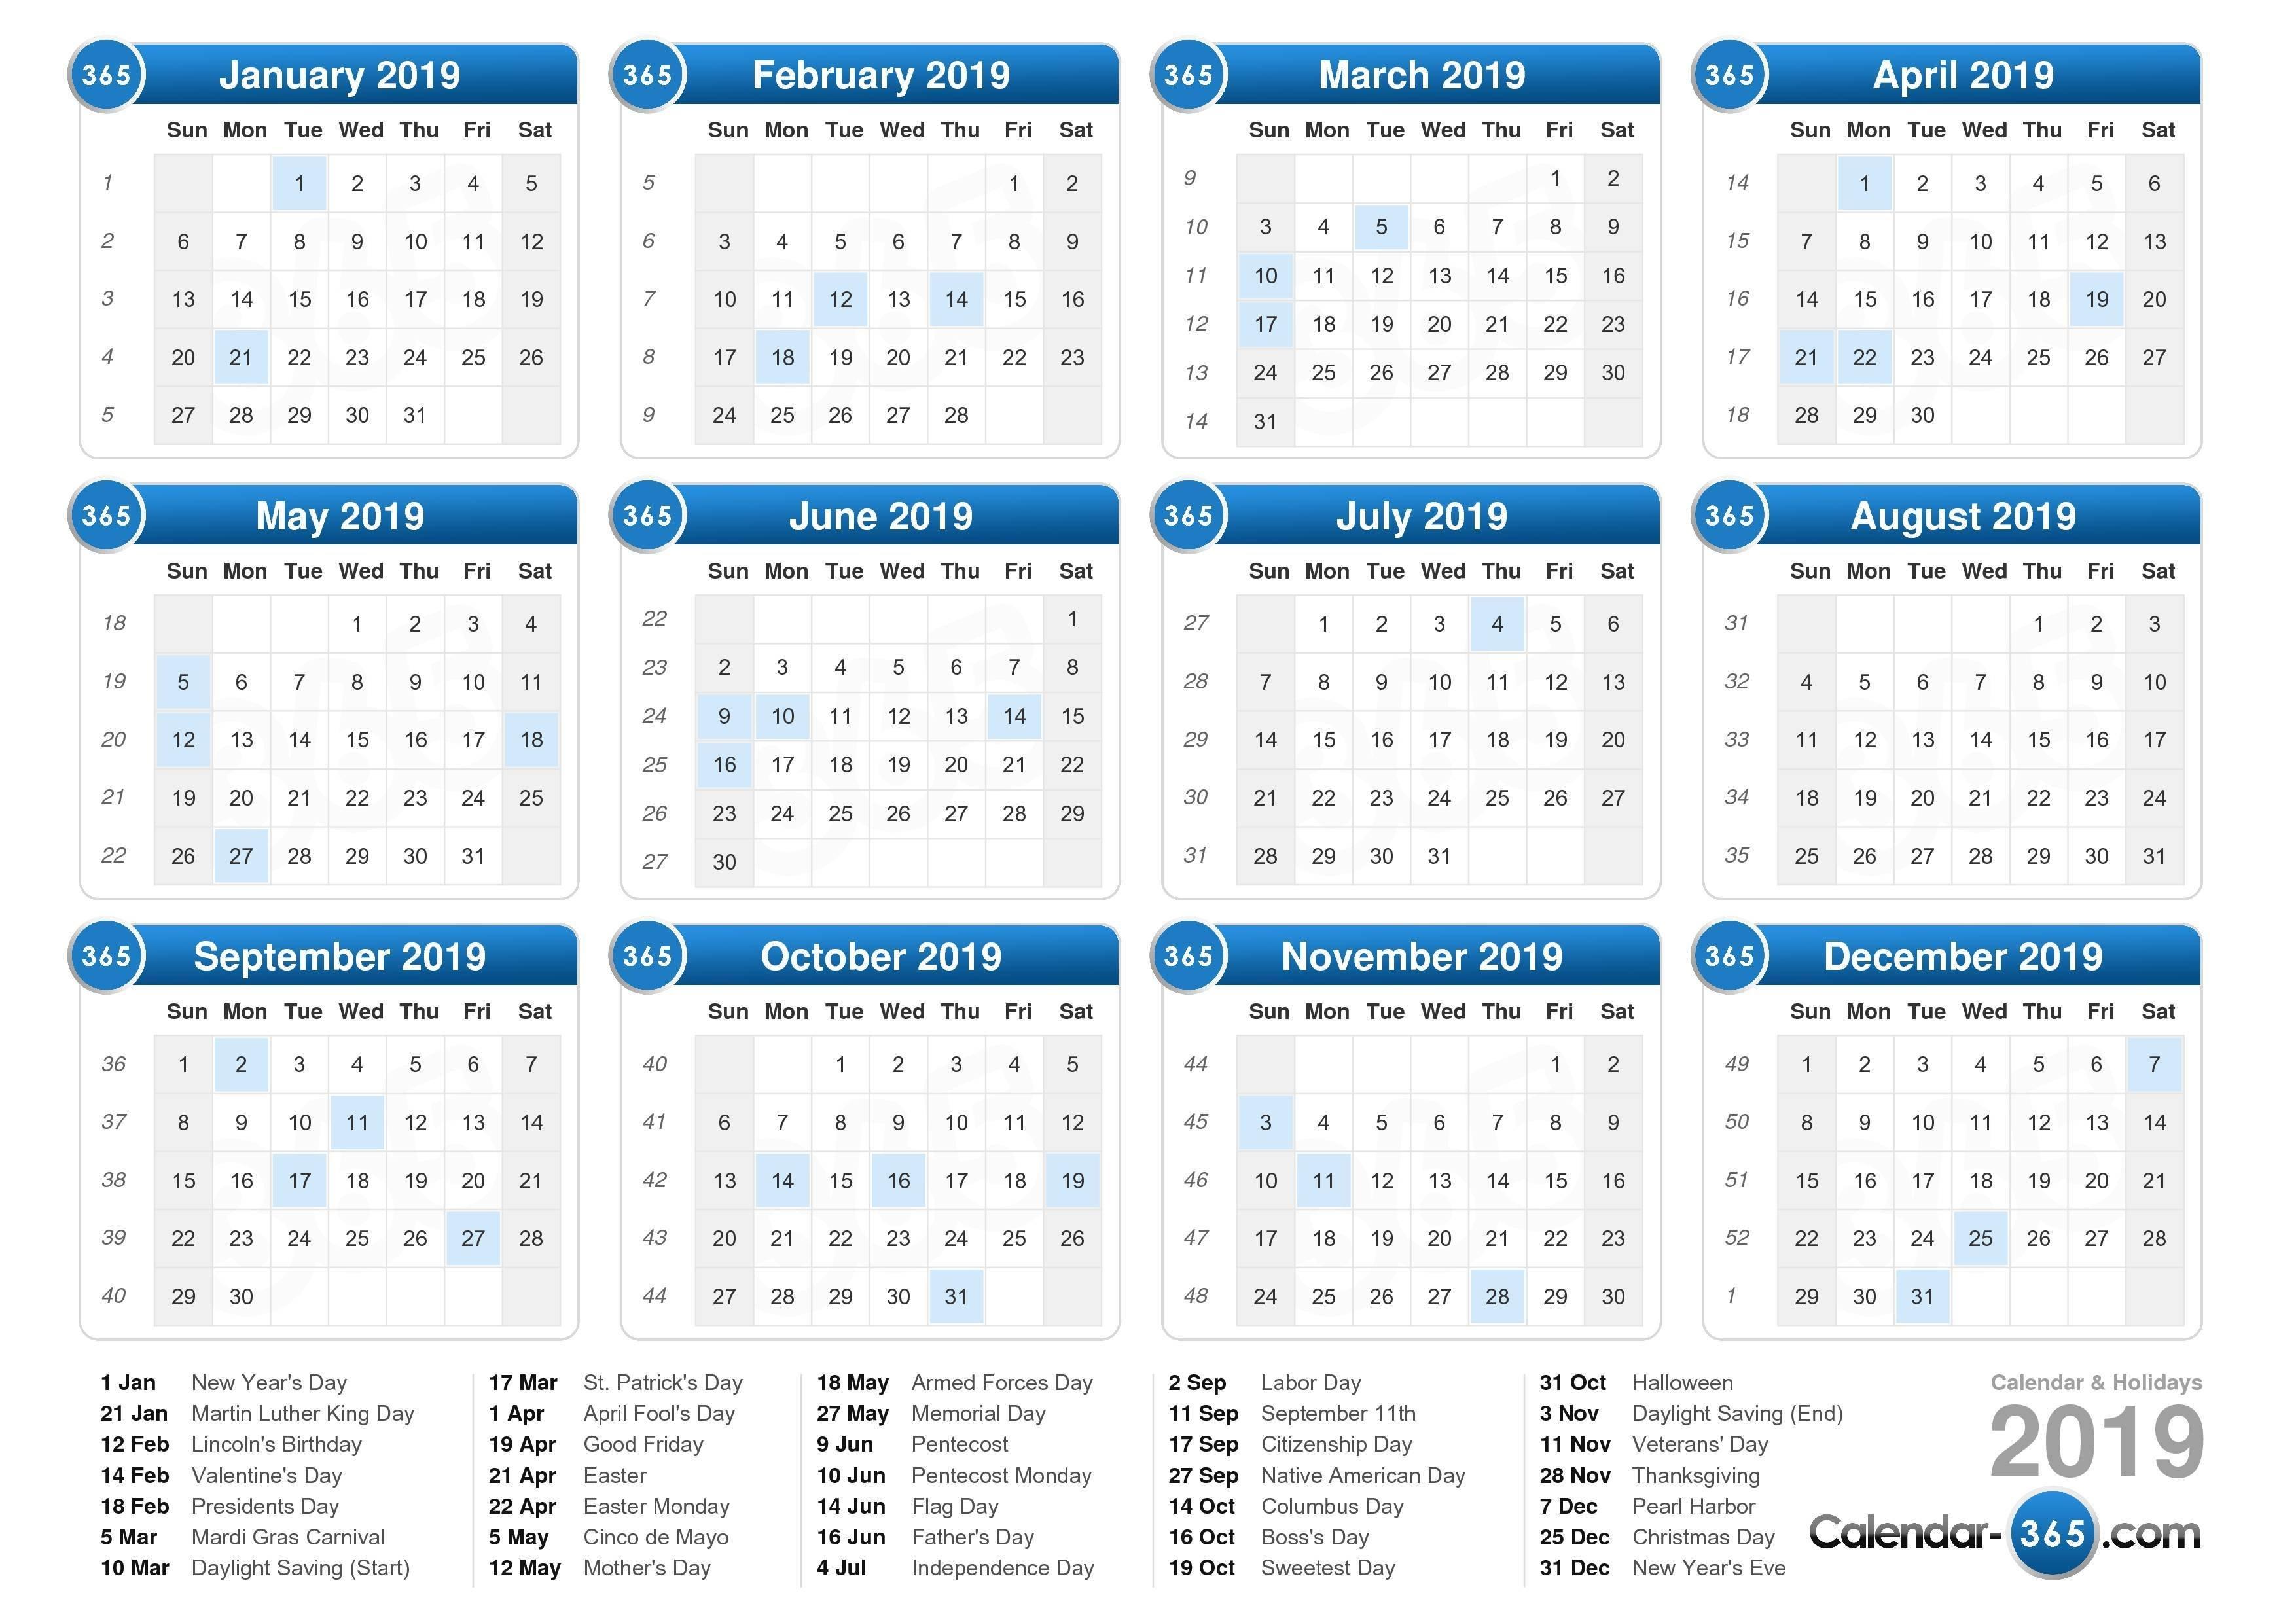 2019 Calendar Calendar 2019 With Week Numbers